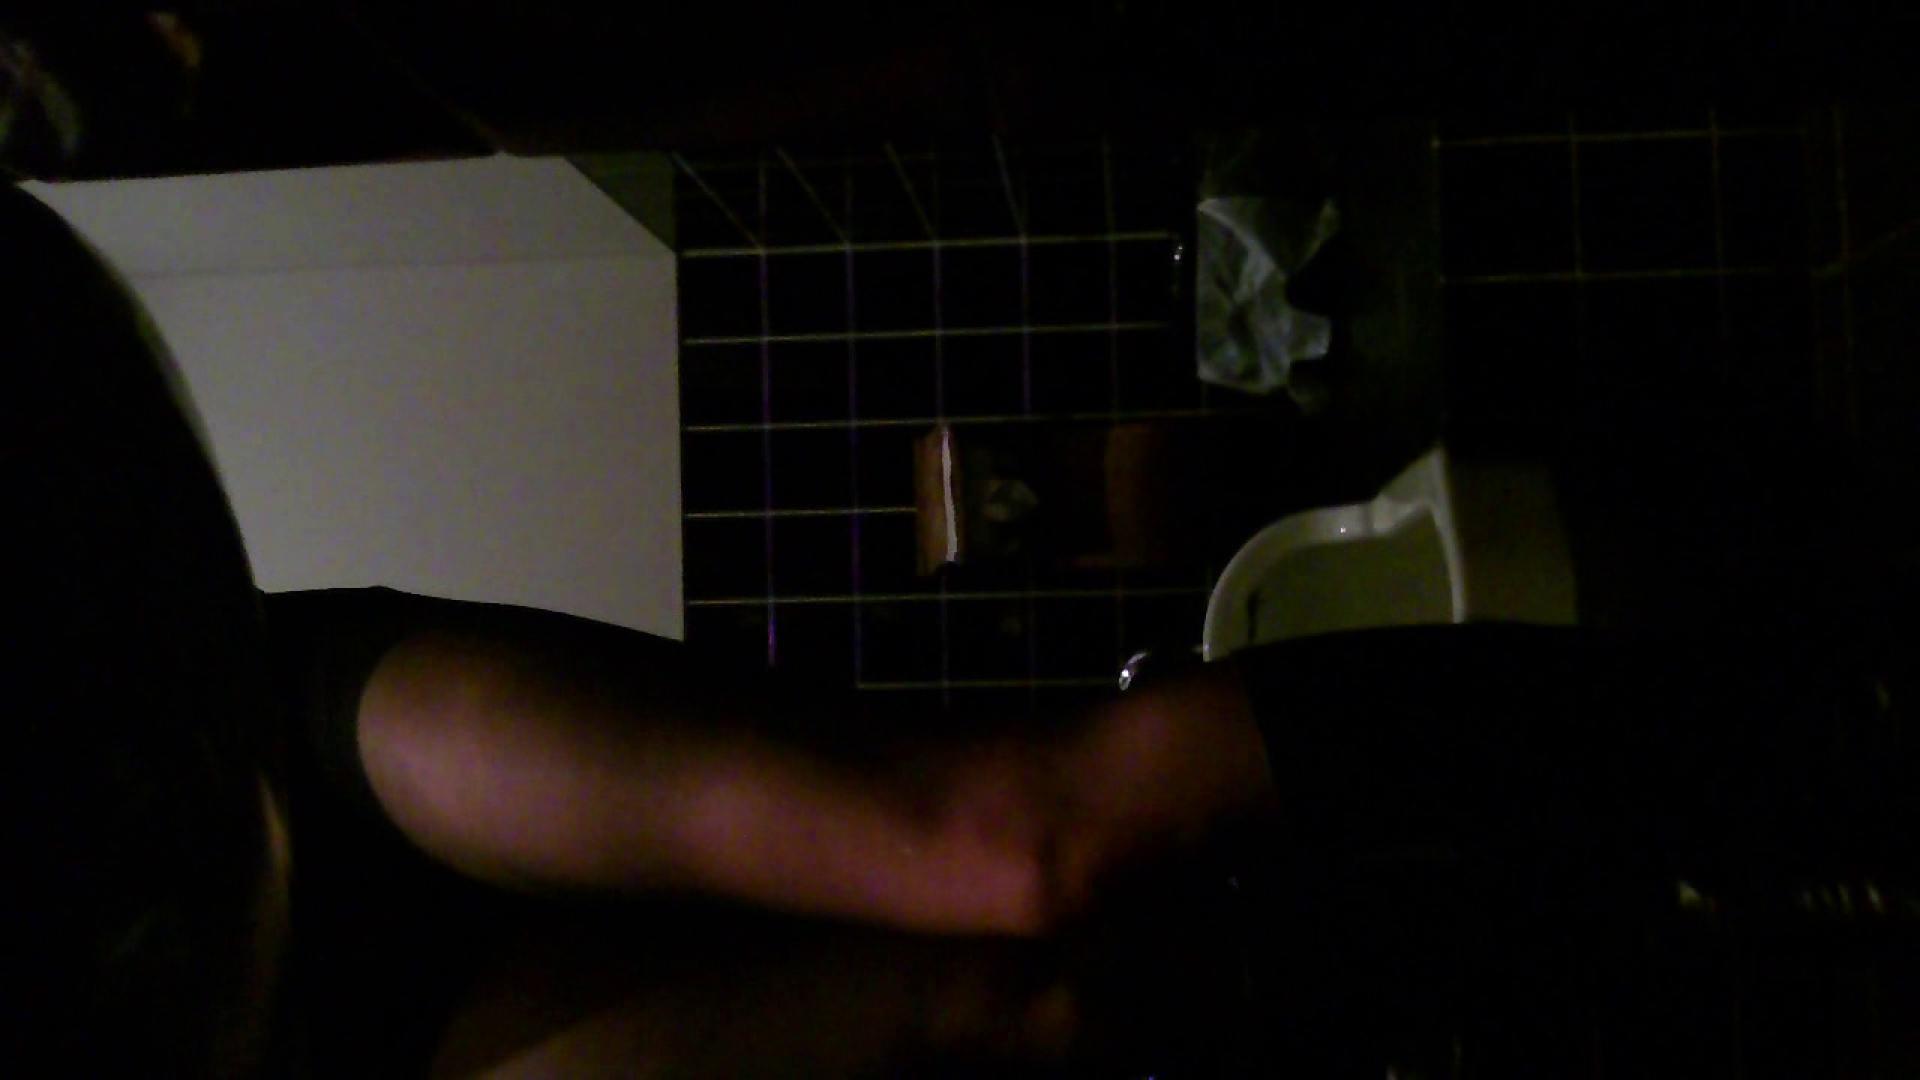 美女の集まる飲み屋洗面所 vol.04 パイパン すけべAV動画紹介 52PICs 39